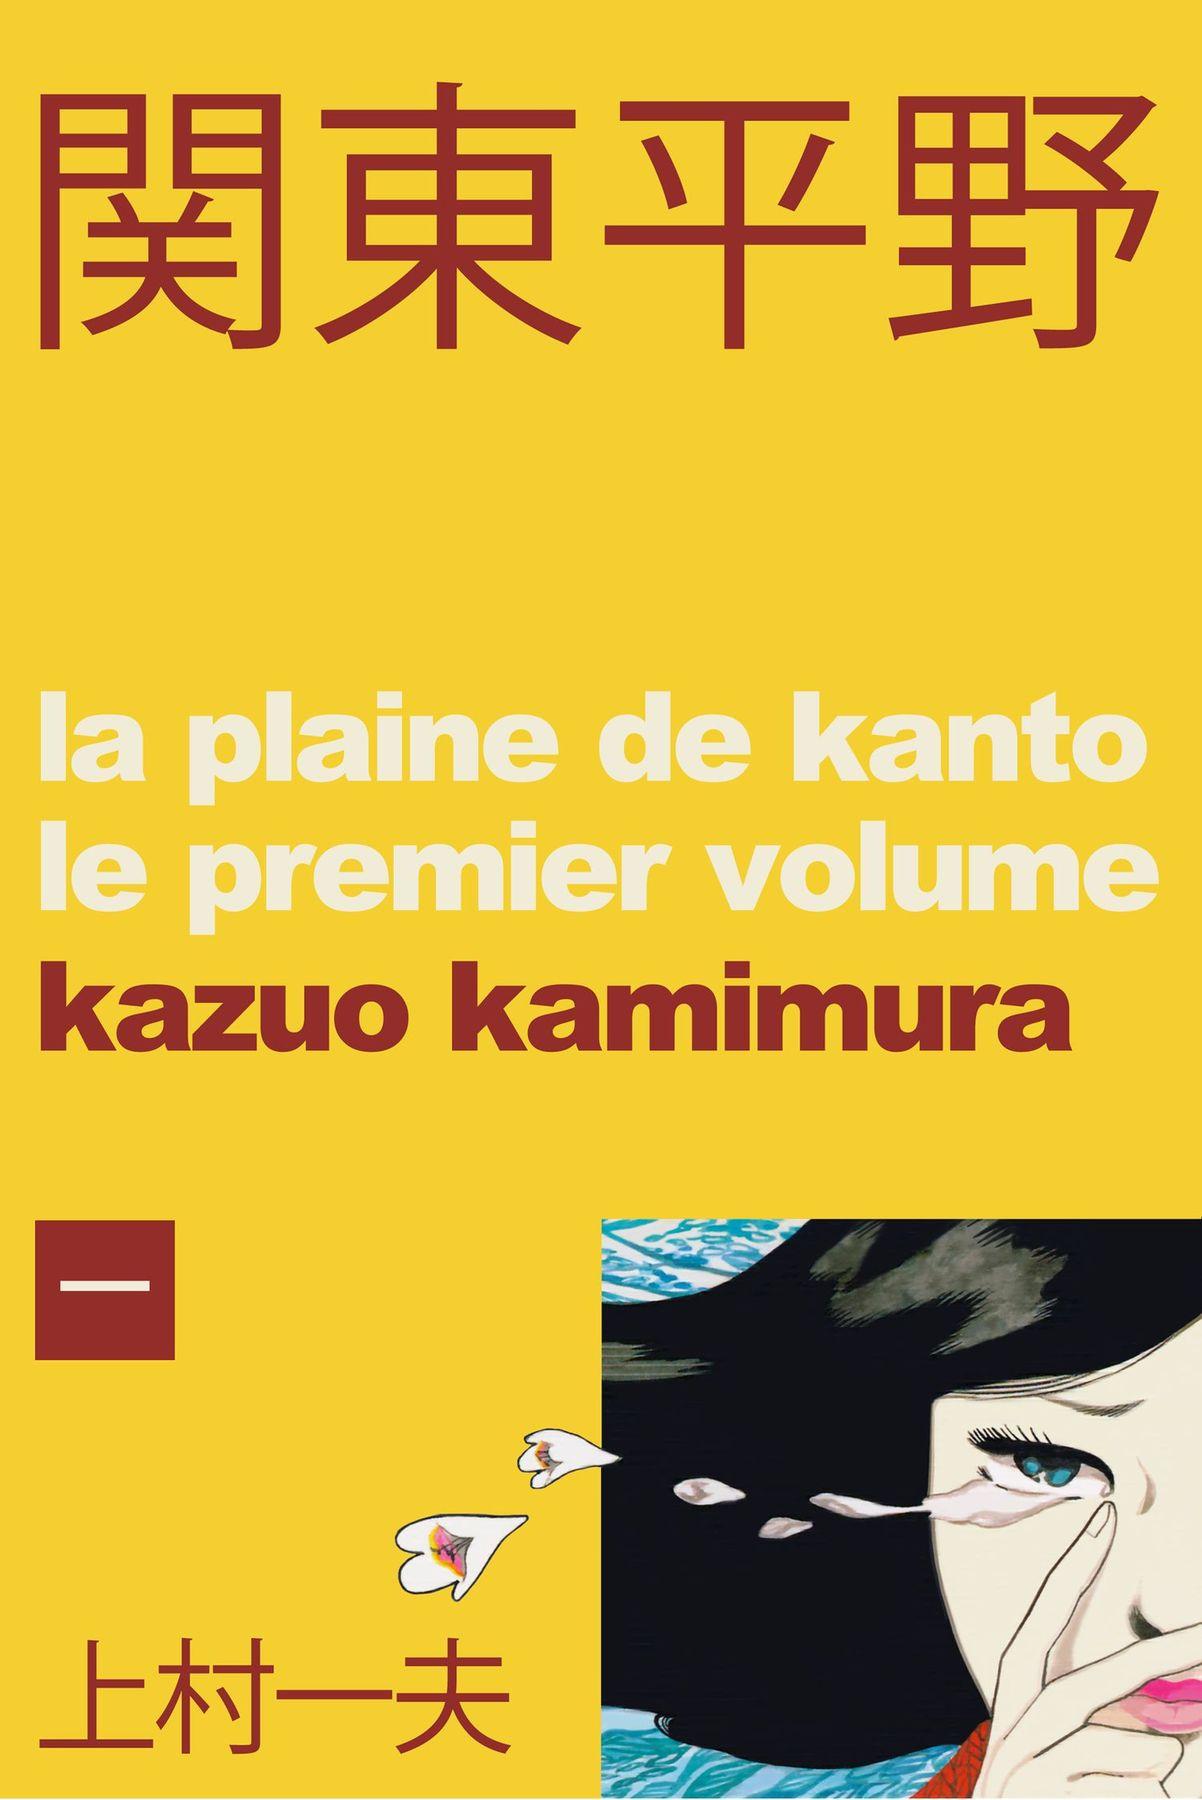 関東平野 わが青春漂流記(第1巻)